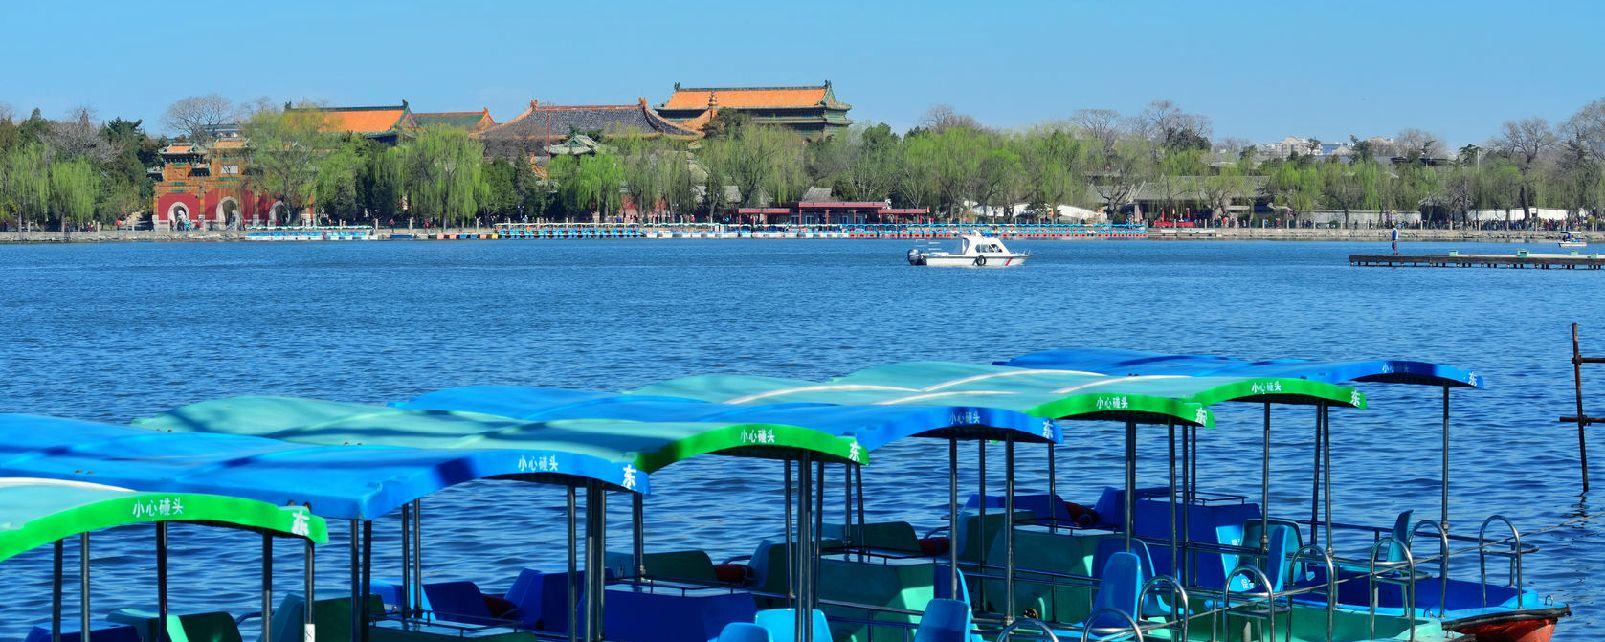 El Parque del mar del Norte (Beihai) , El Parque del mar del norte: Beihai , China